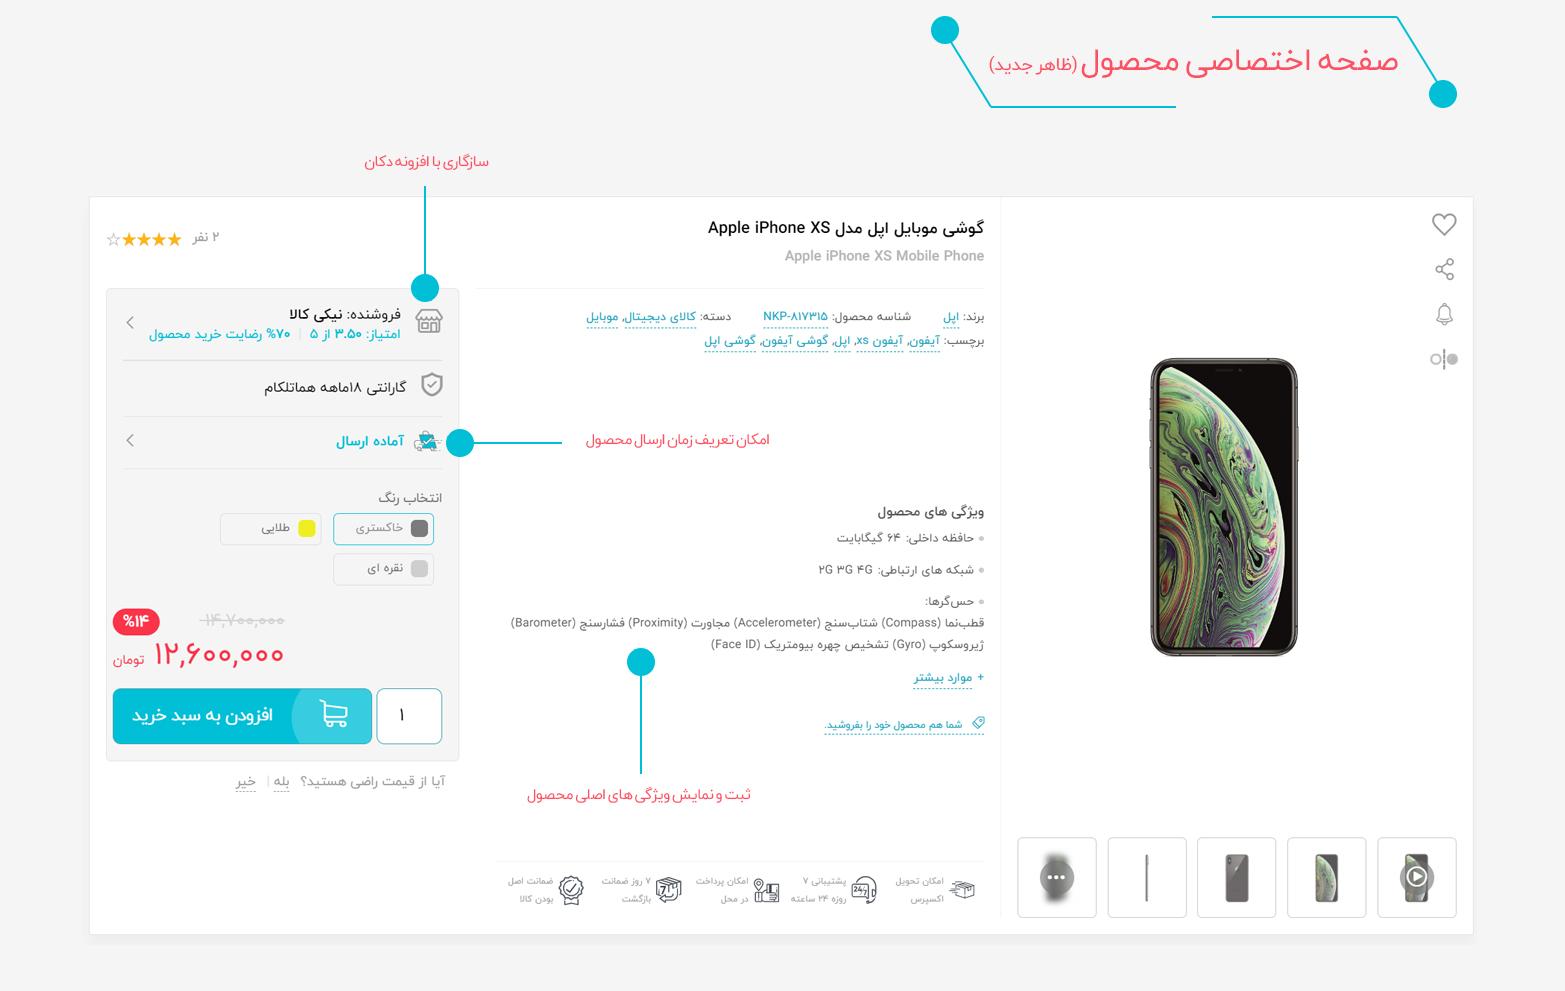 صفحه محصول در قالب نیکی کالا (ظاهر جدید) | قالب دیجی کالا